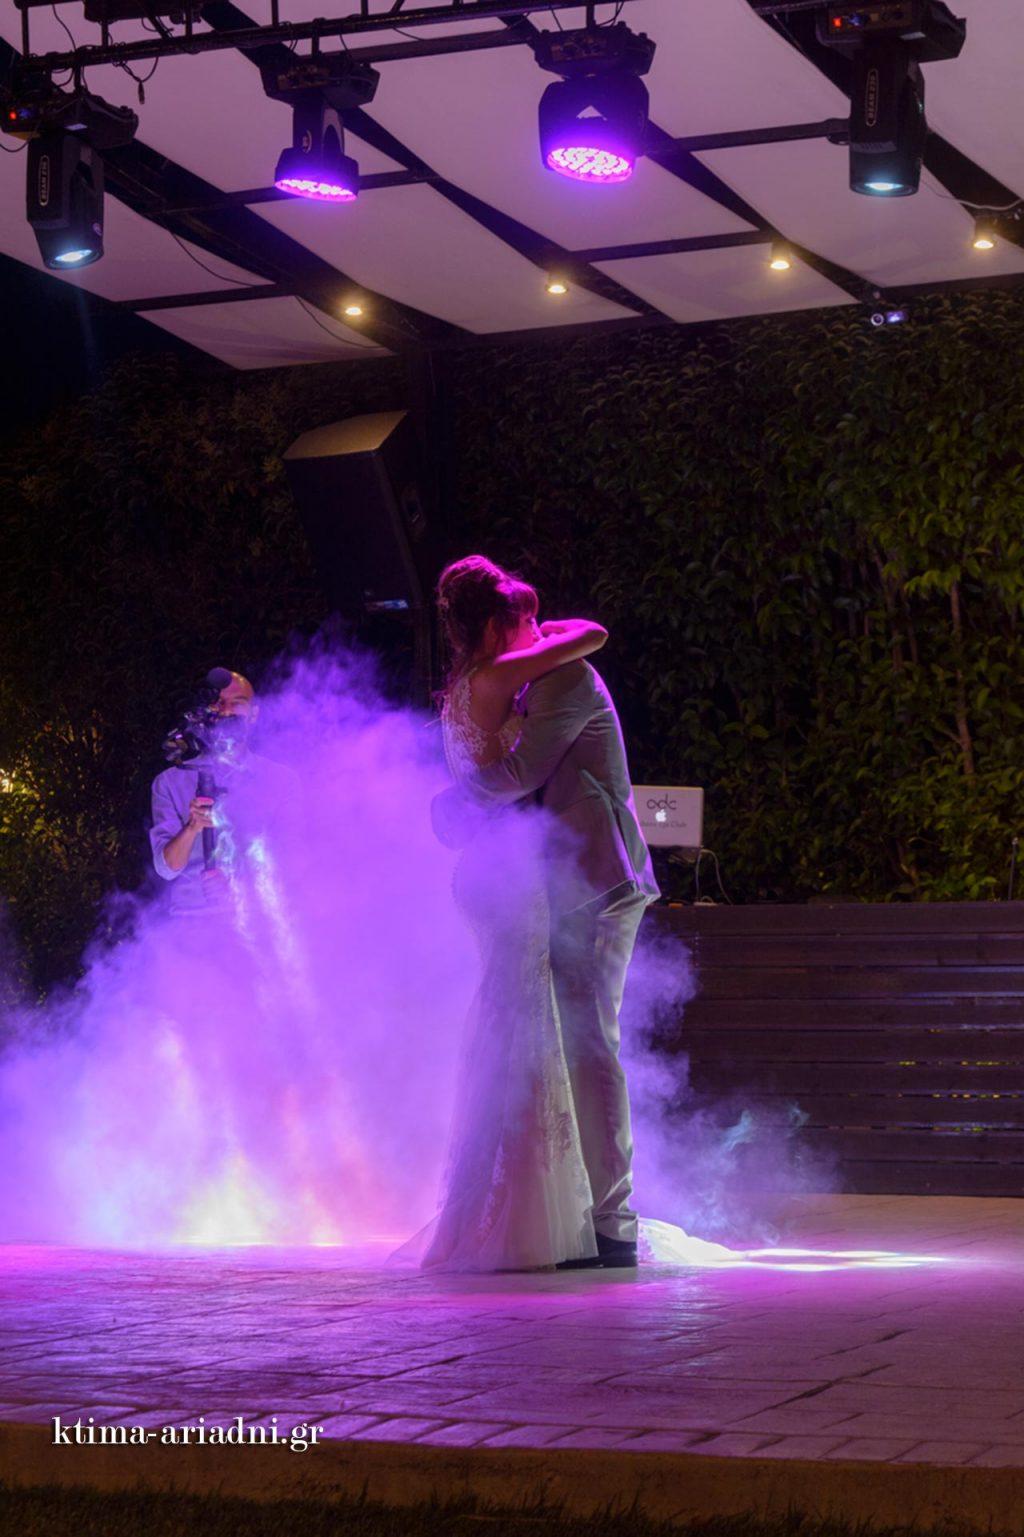 Εφέ καπνού και φωτισμού κατά τη διάρκεια του πρώτου χορού του ζευγαριού